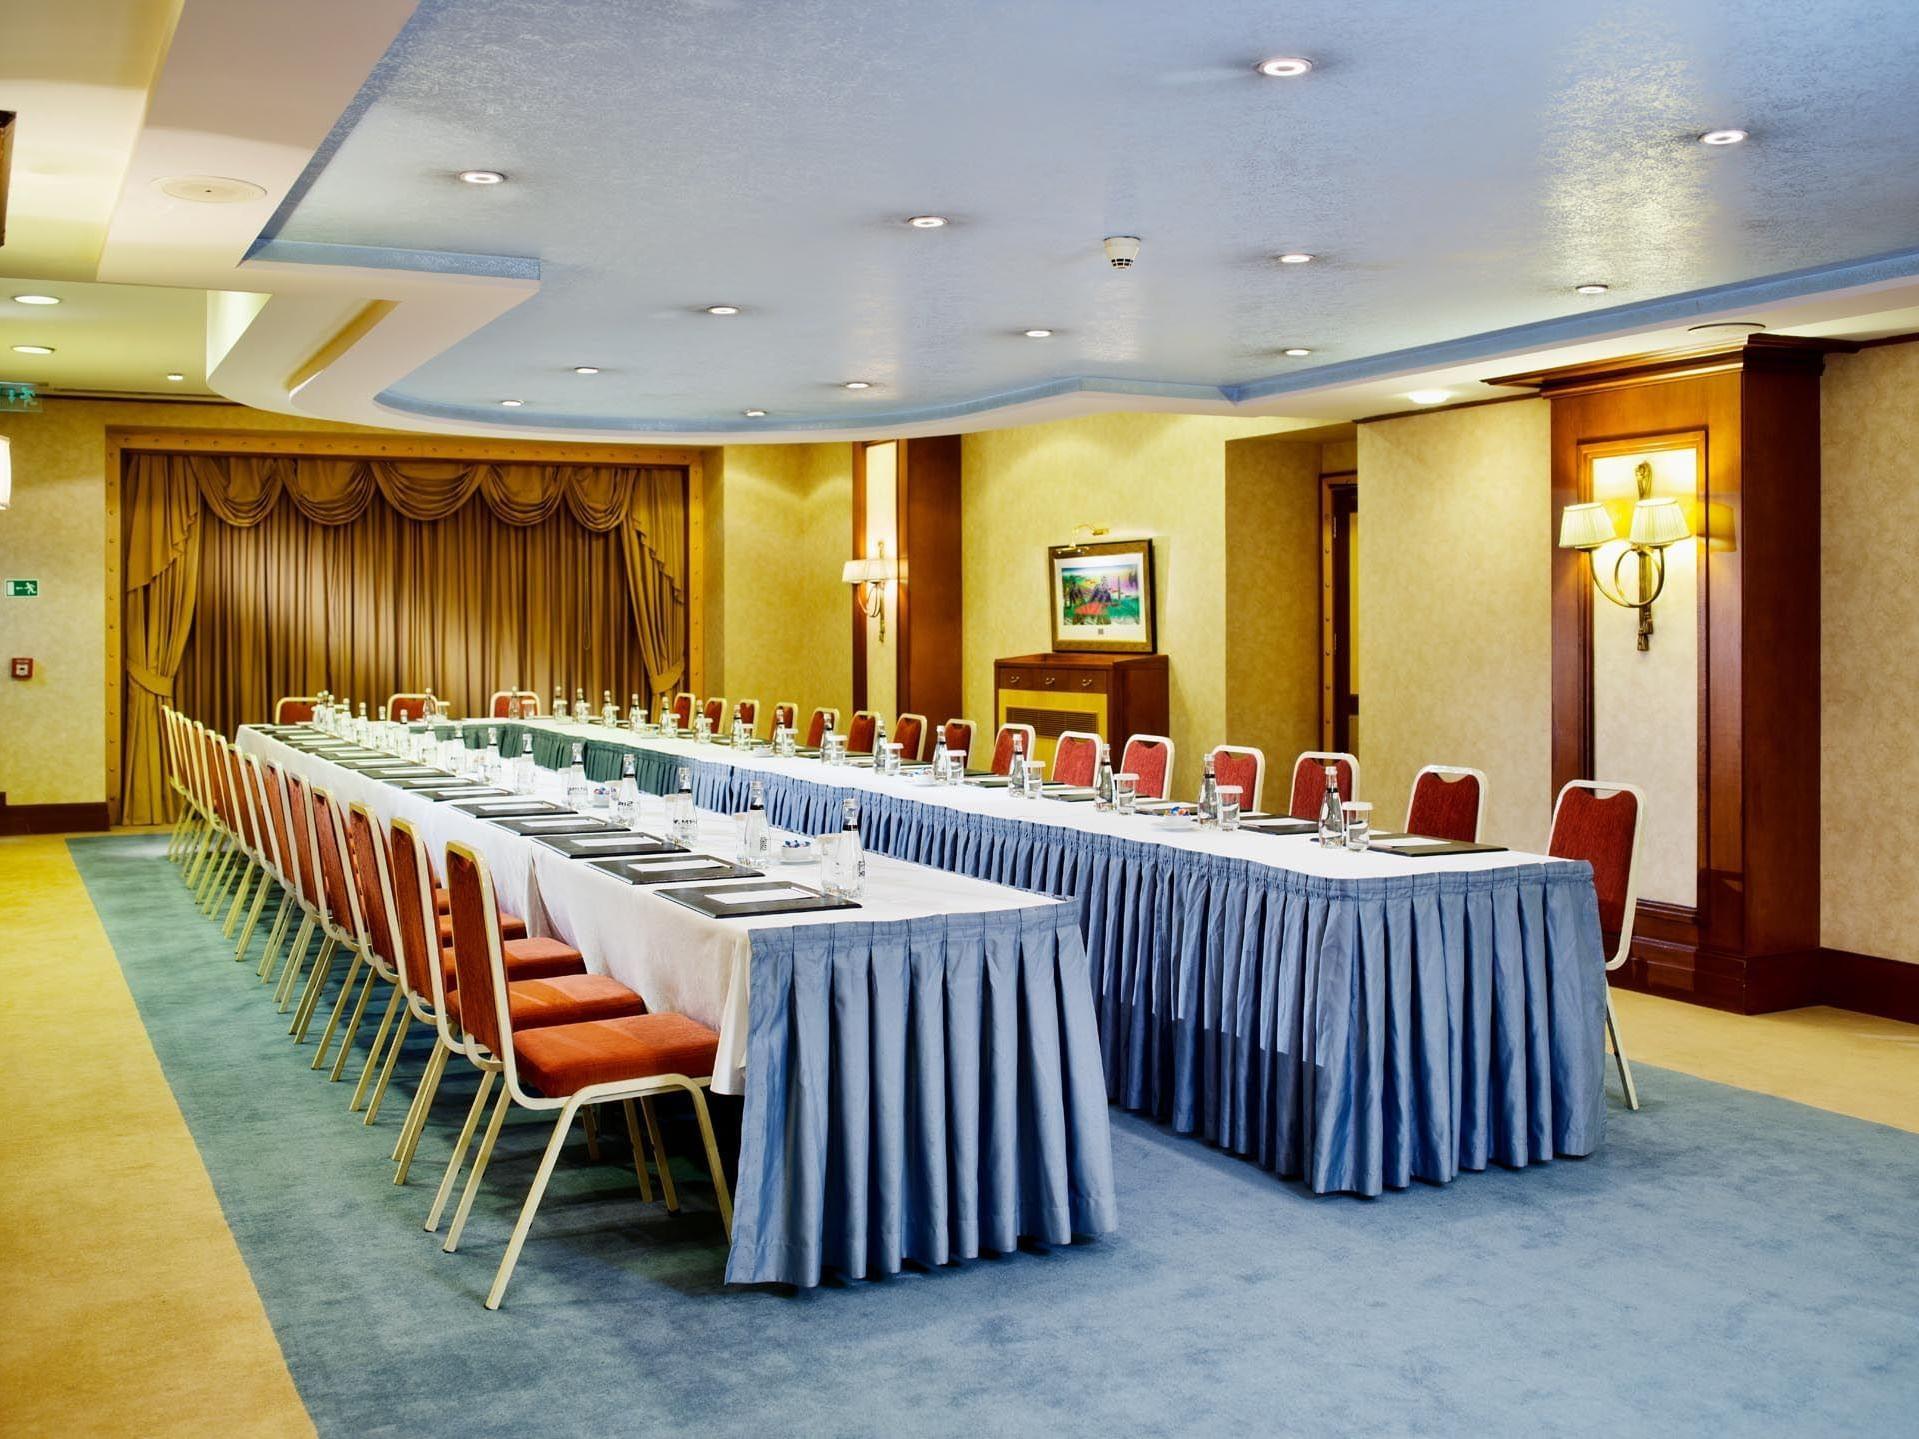 Golden Horn  Eresin hotels sultanahmet